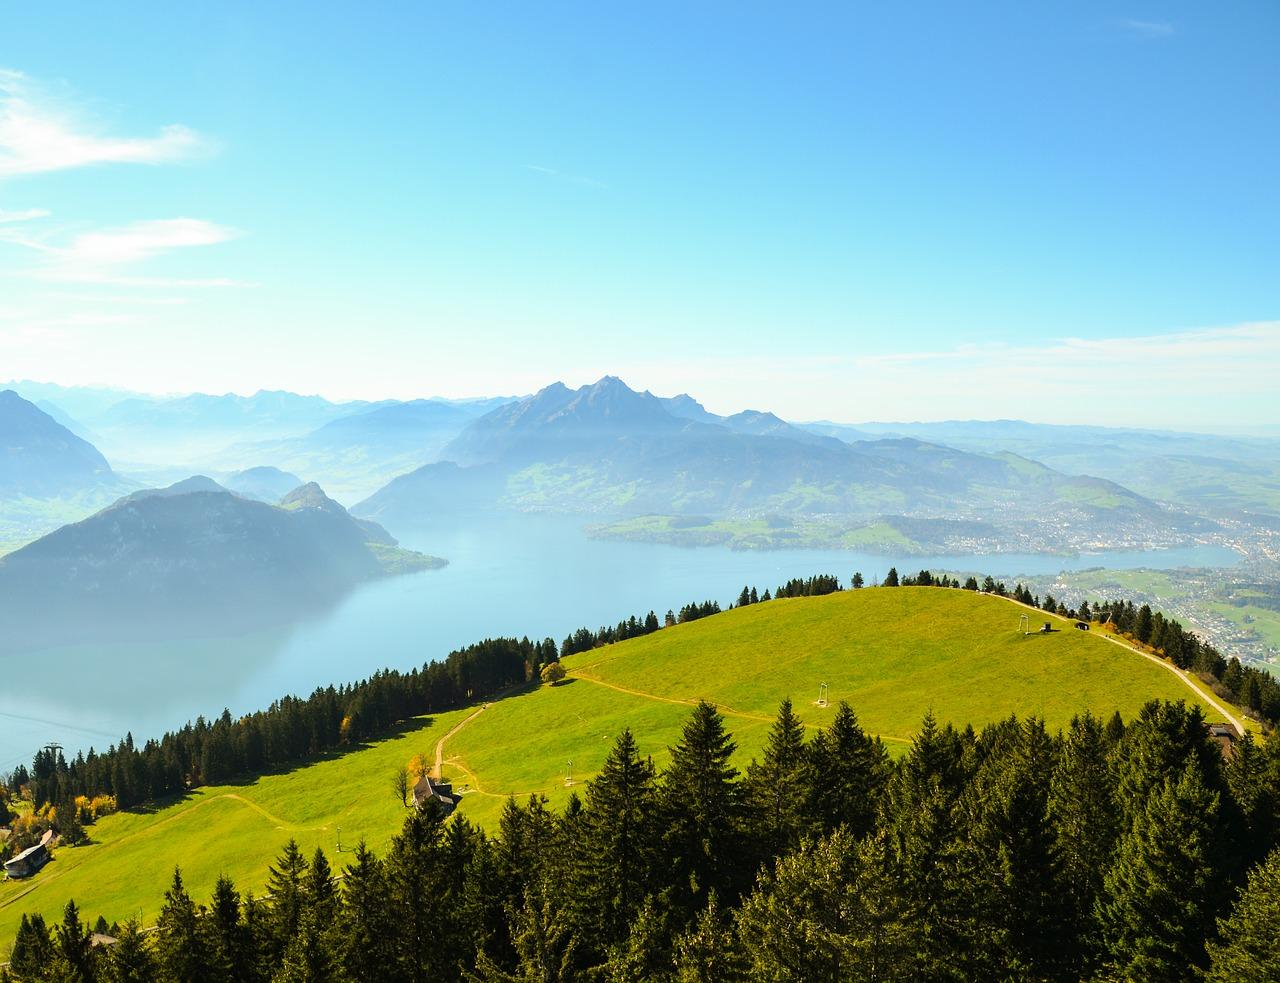 switzerland - a luxury spa destination